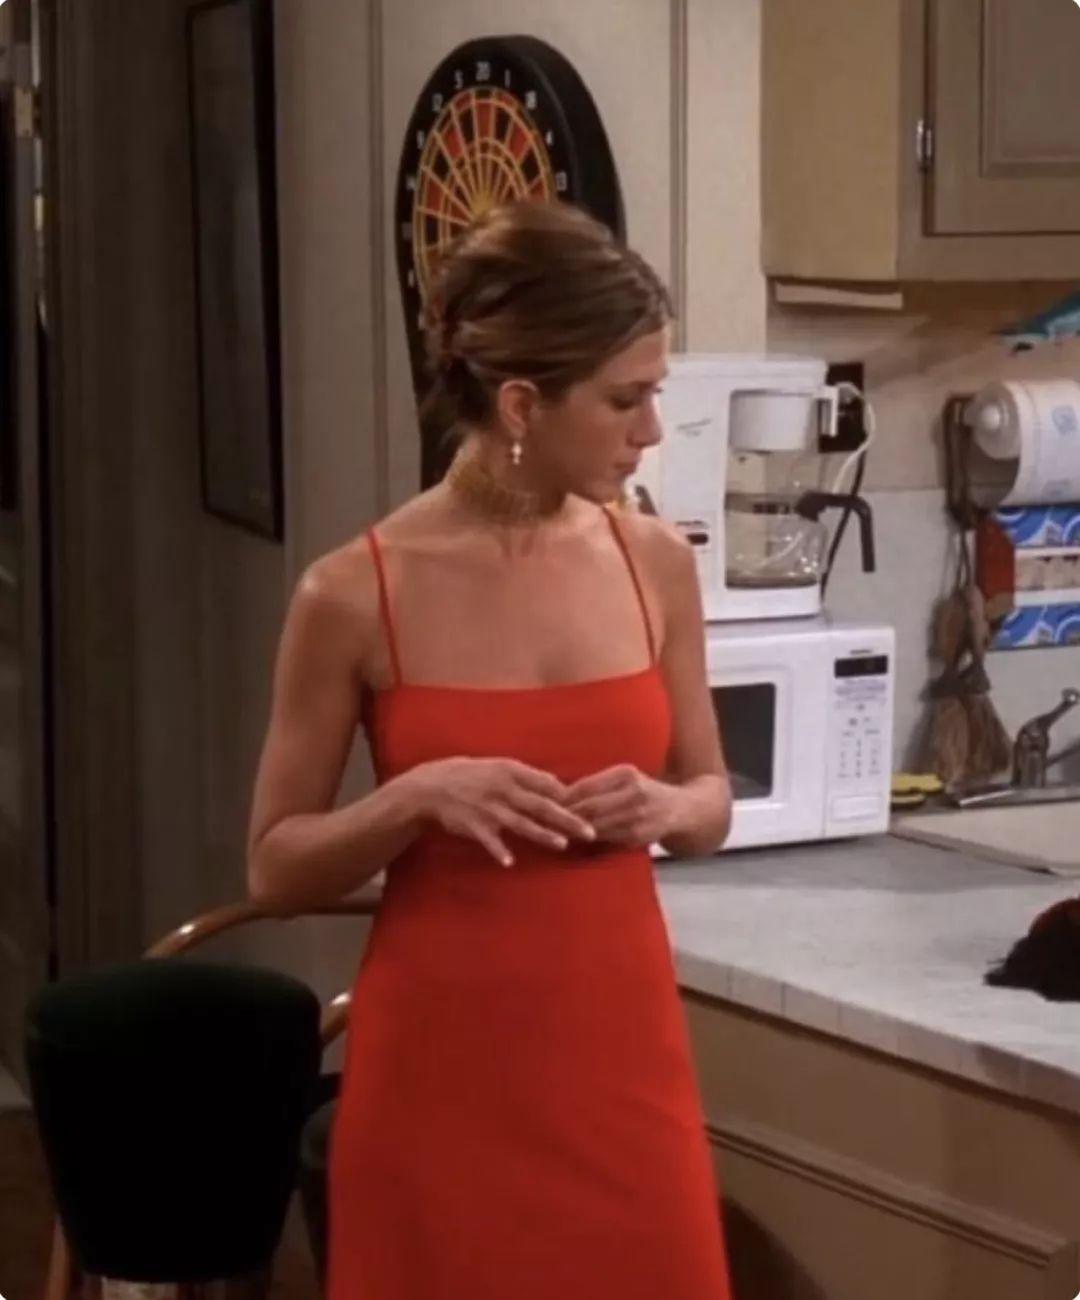 Piros spagettipántos slip dress - magnifique!